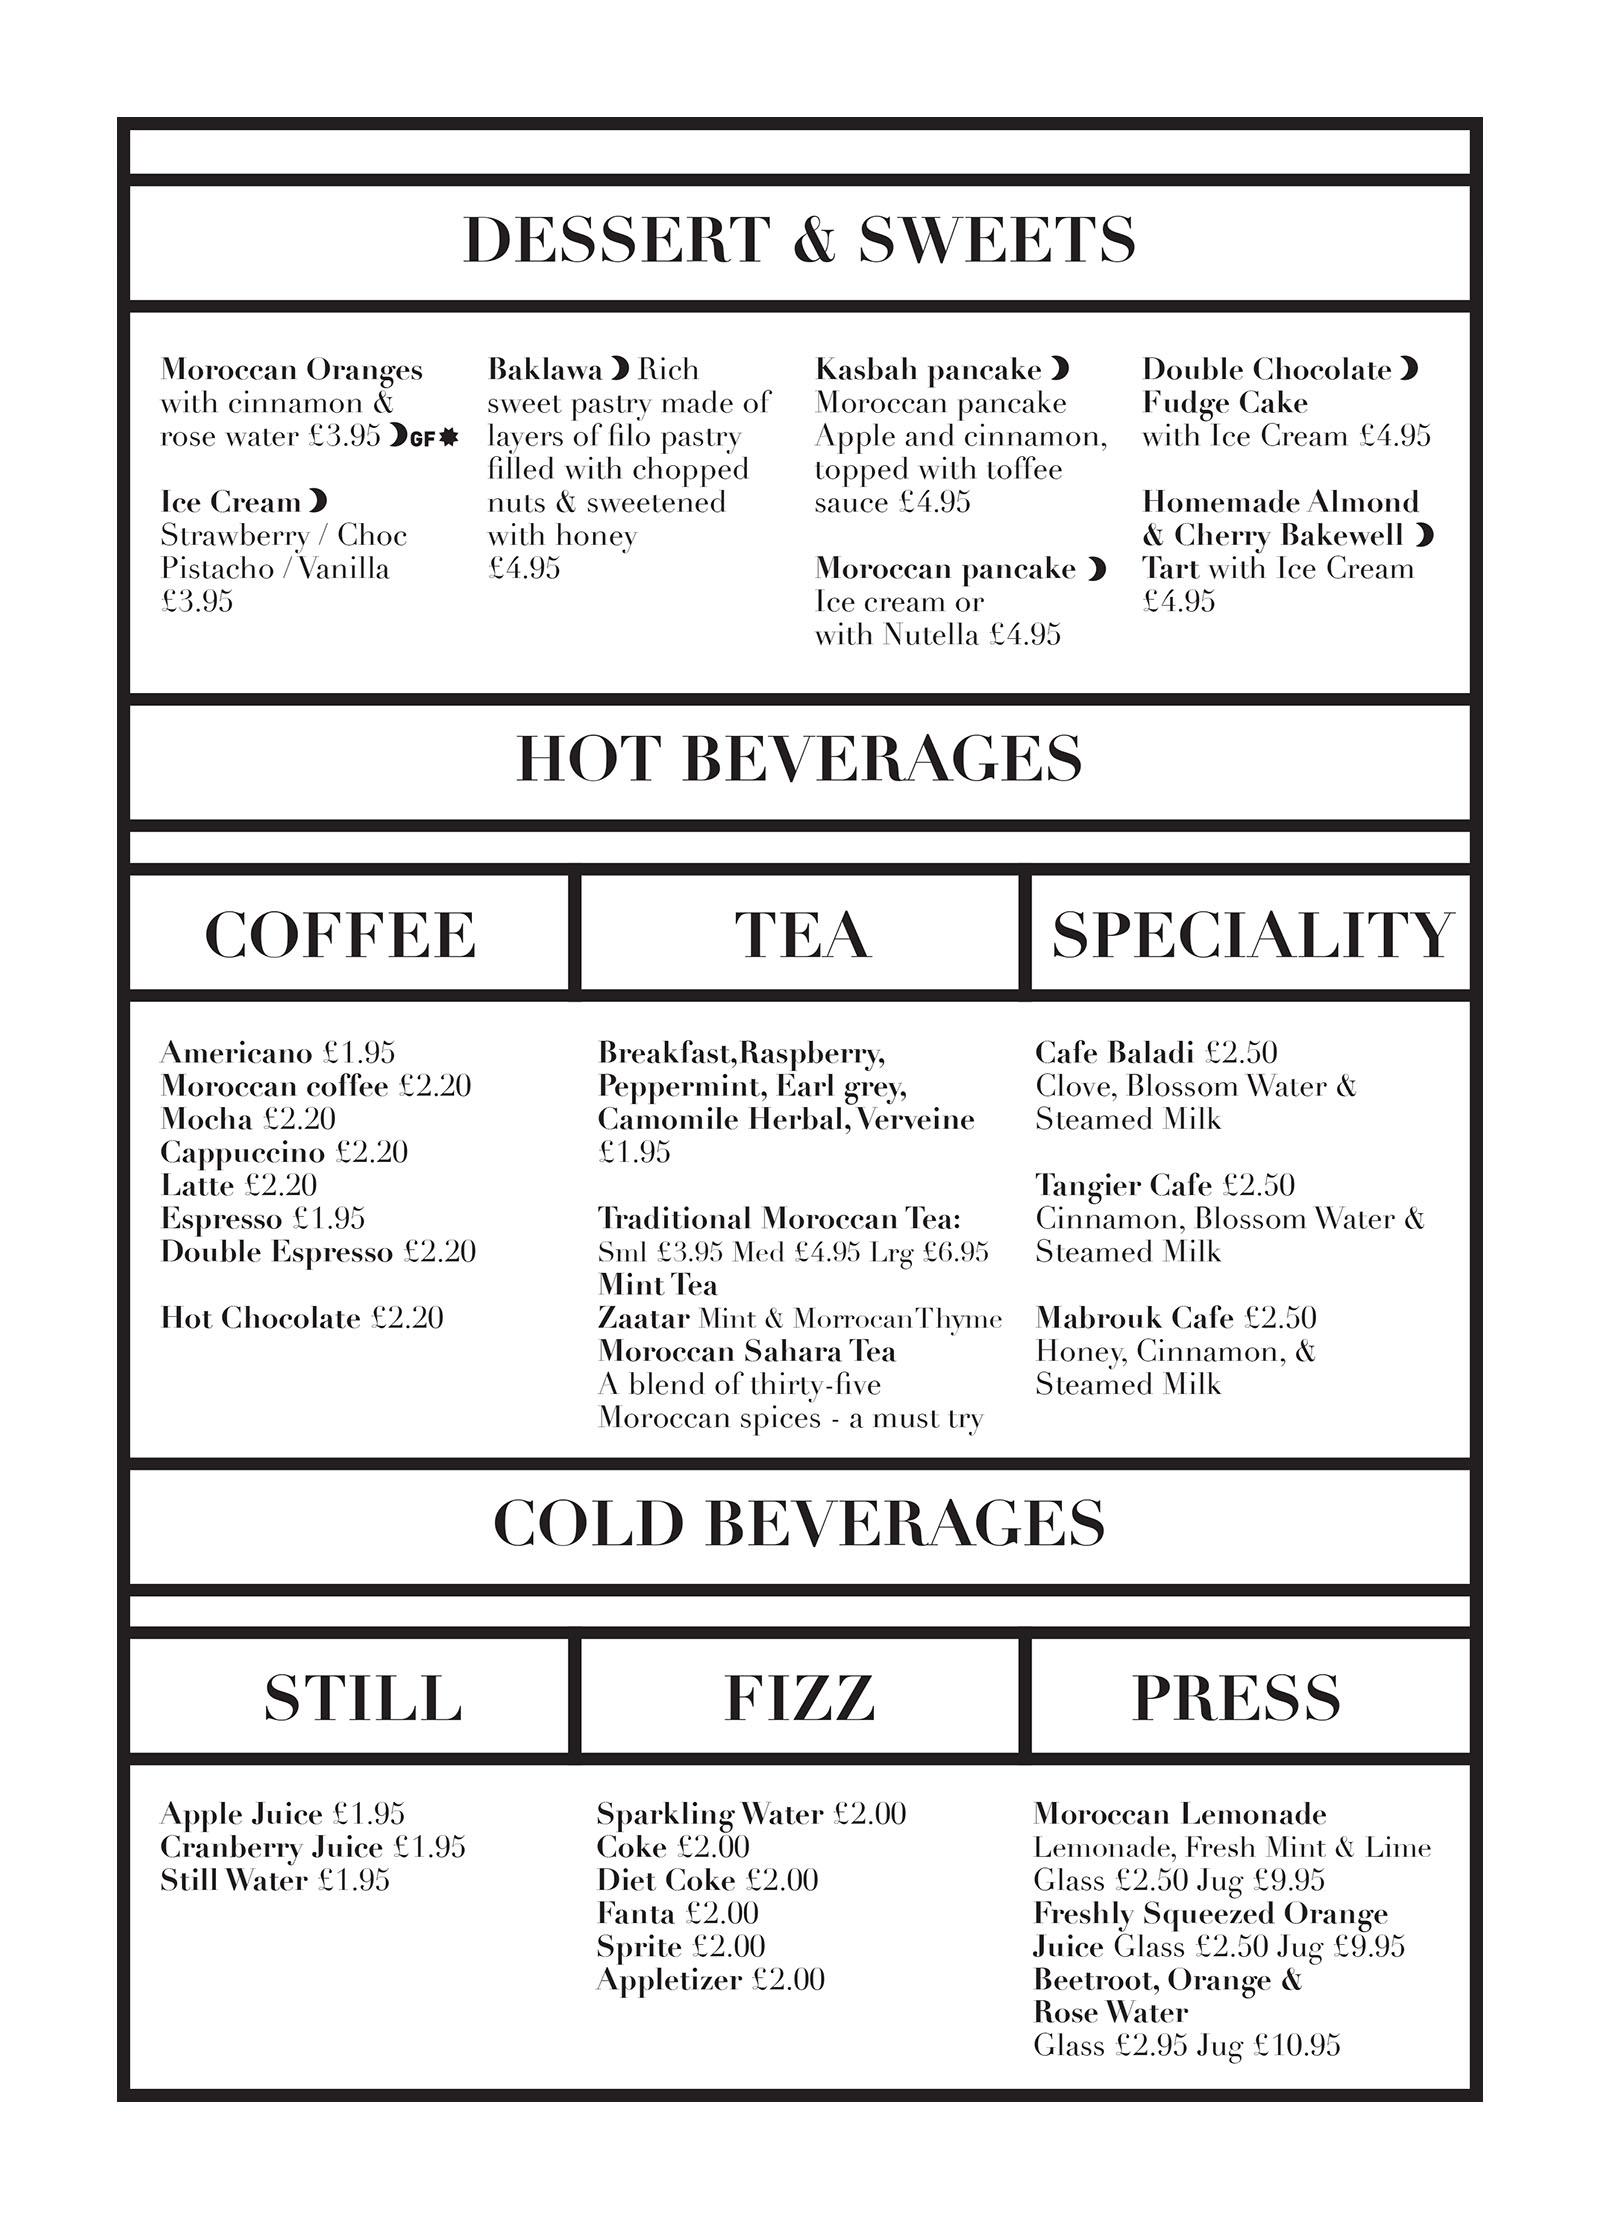 Kabsah Cafe Bazaar | Food and Drink Menu